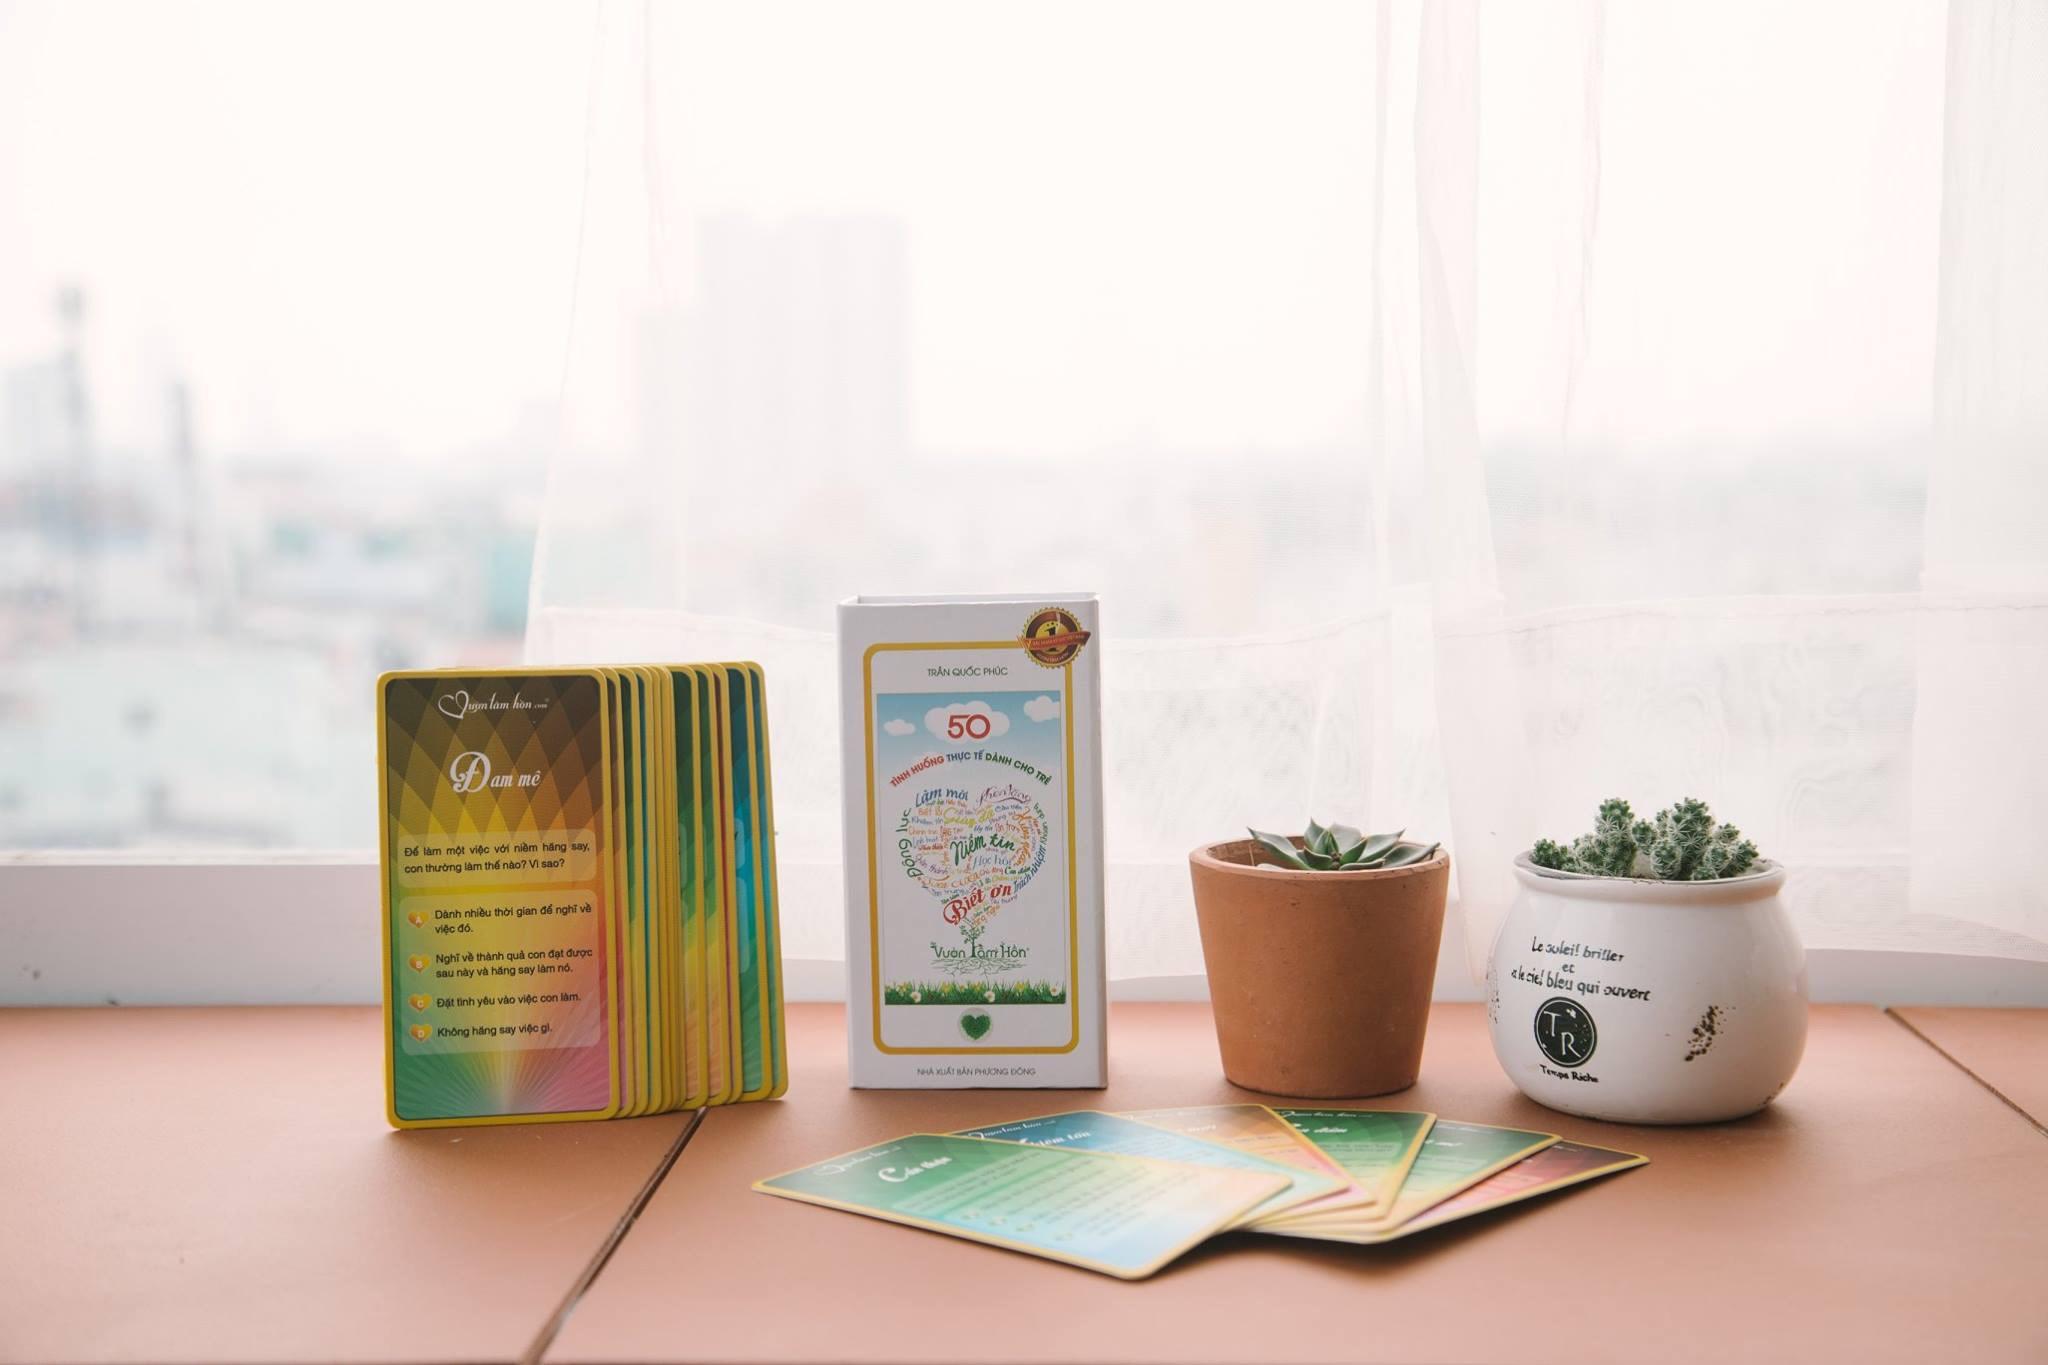 Vườn Tâm Hồn - Bộ thẻ thần kỳ 50 tình huống thực tế dành cho tiểu học